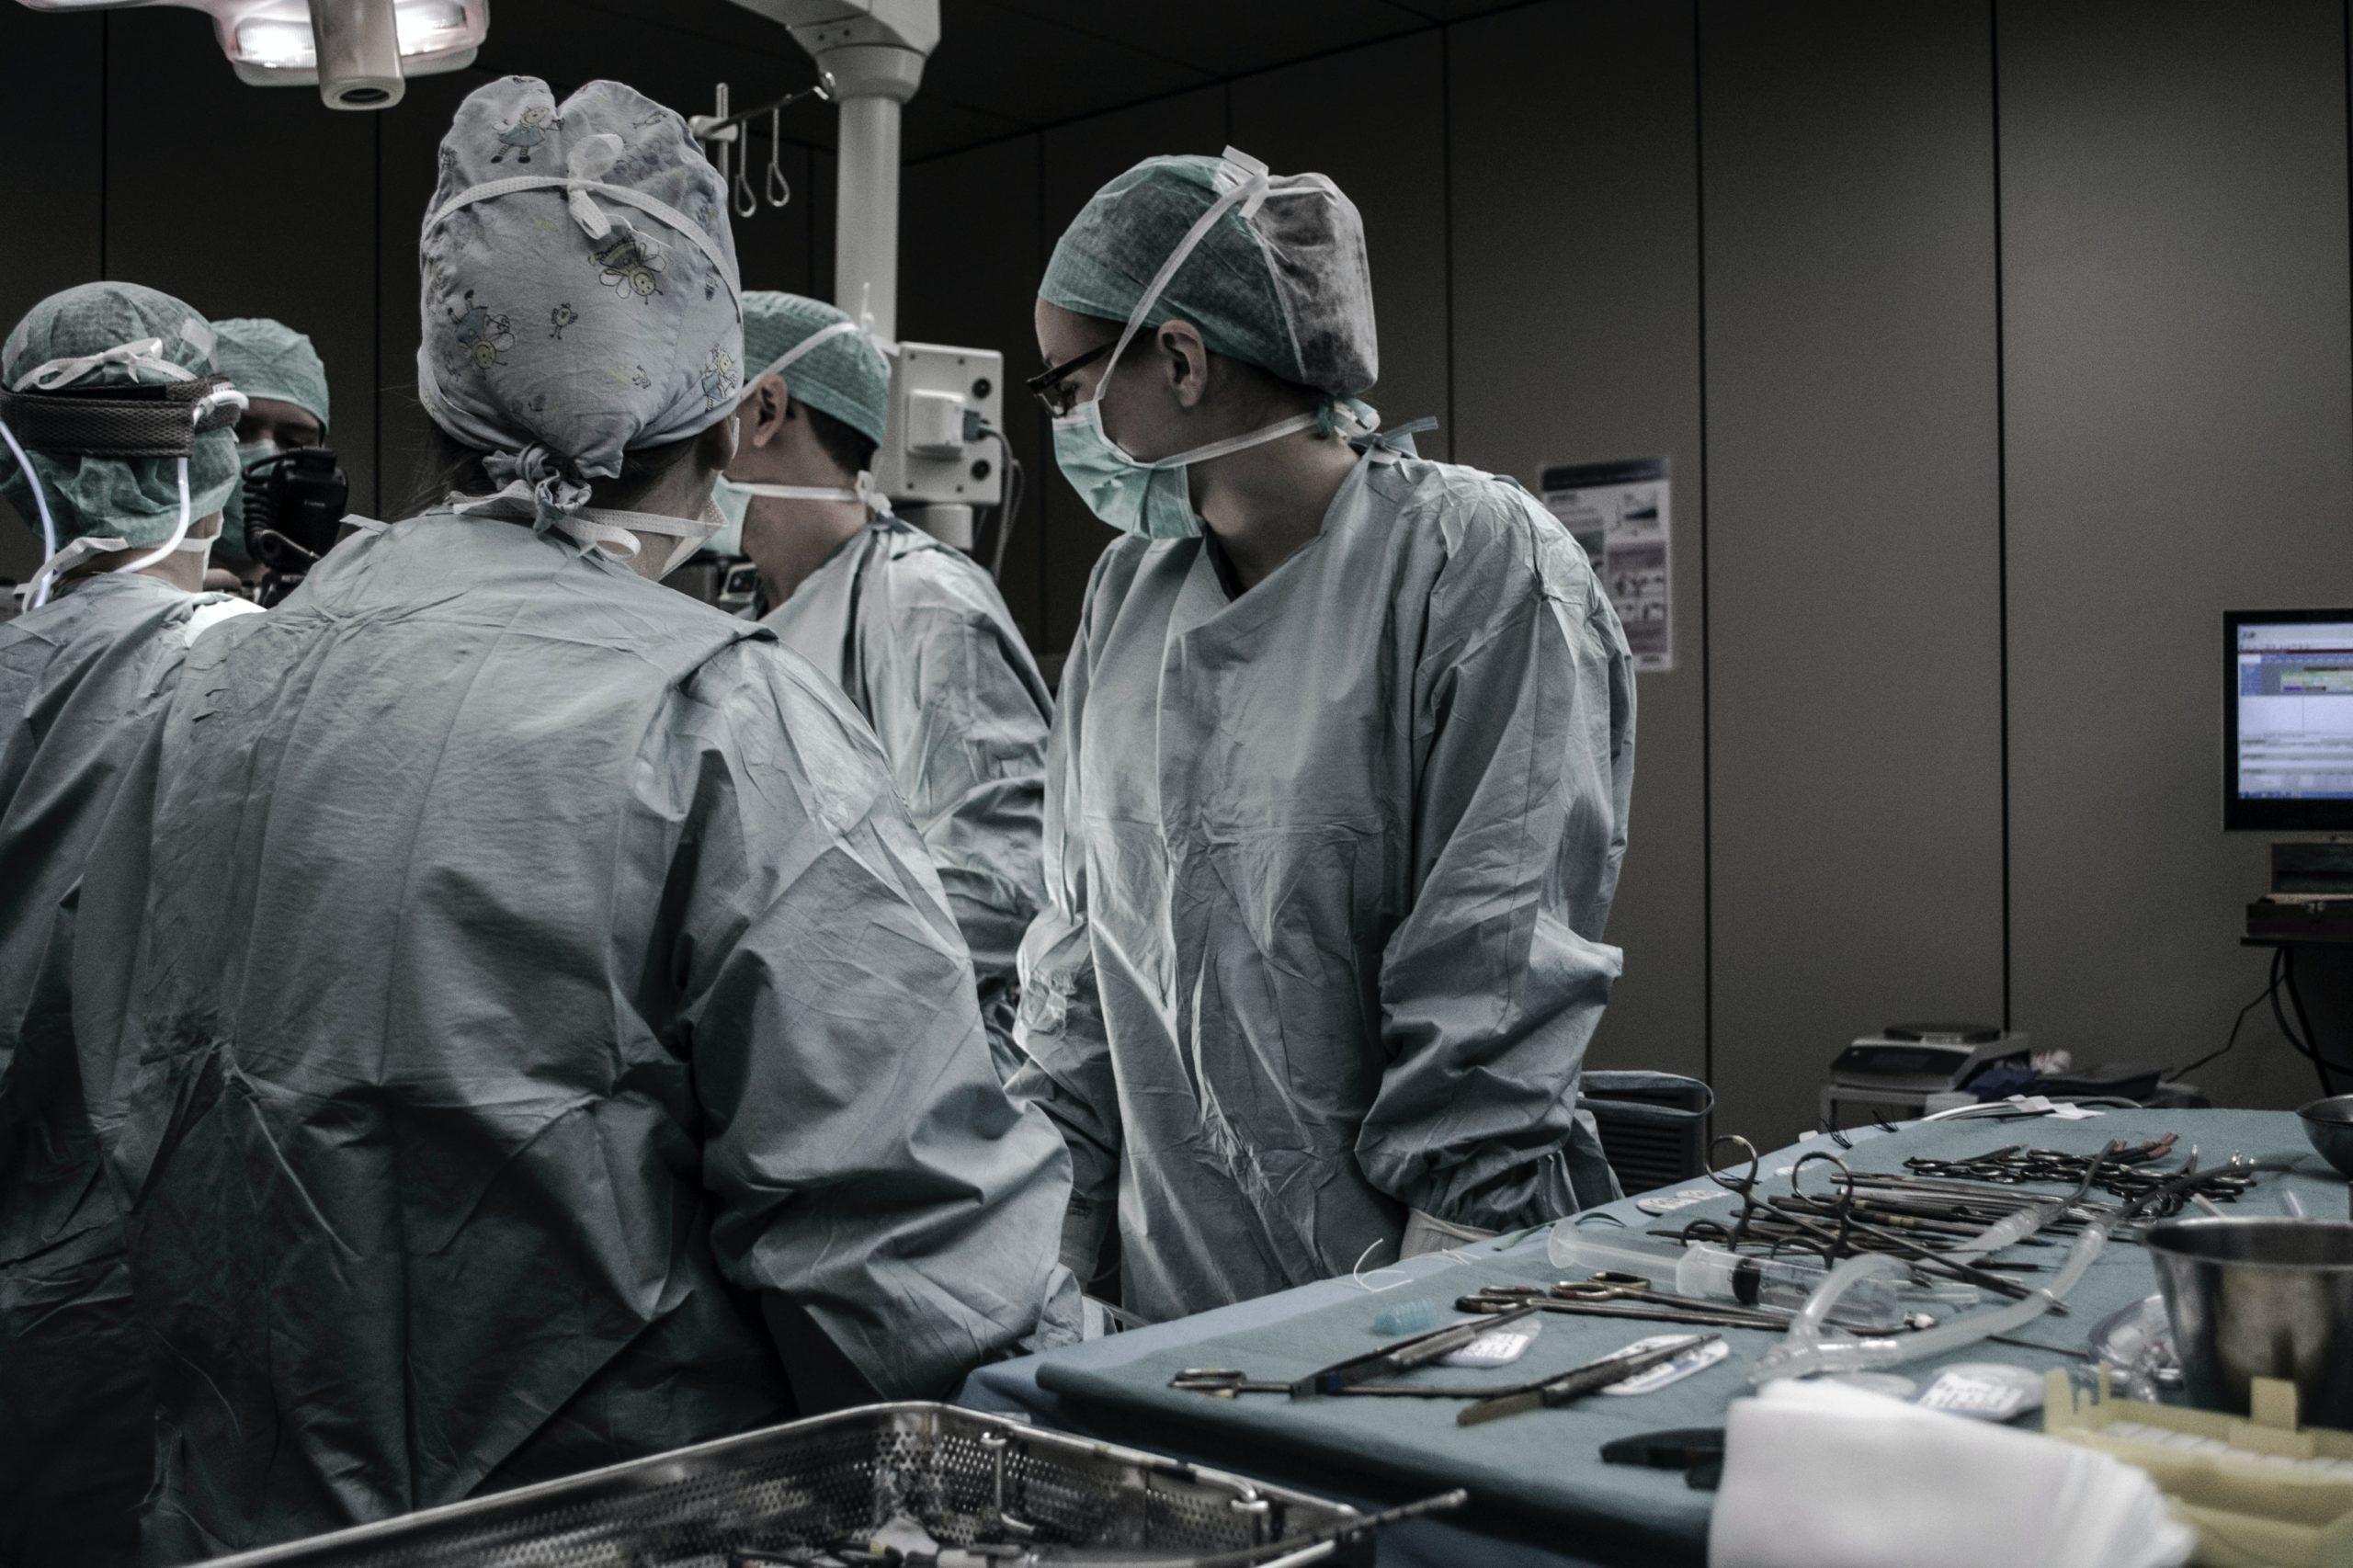 Mancano infermieri: la ricerca dell'alloggio impossibile da trovare